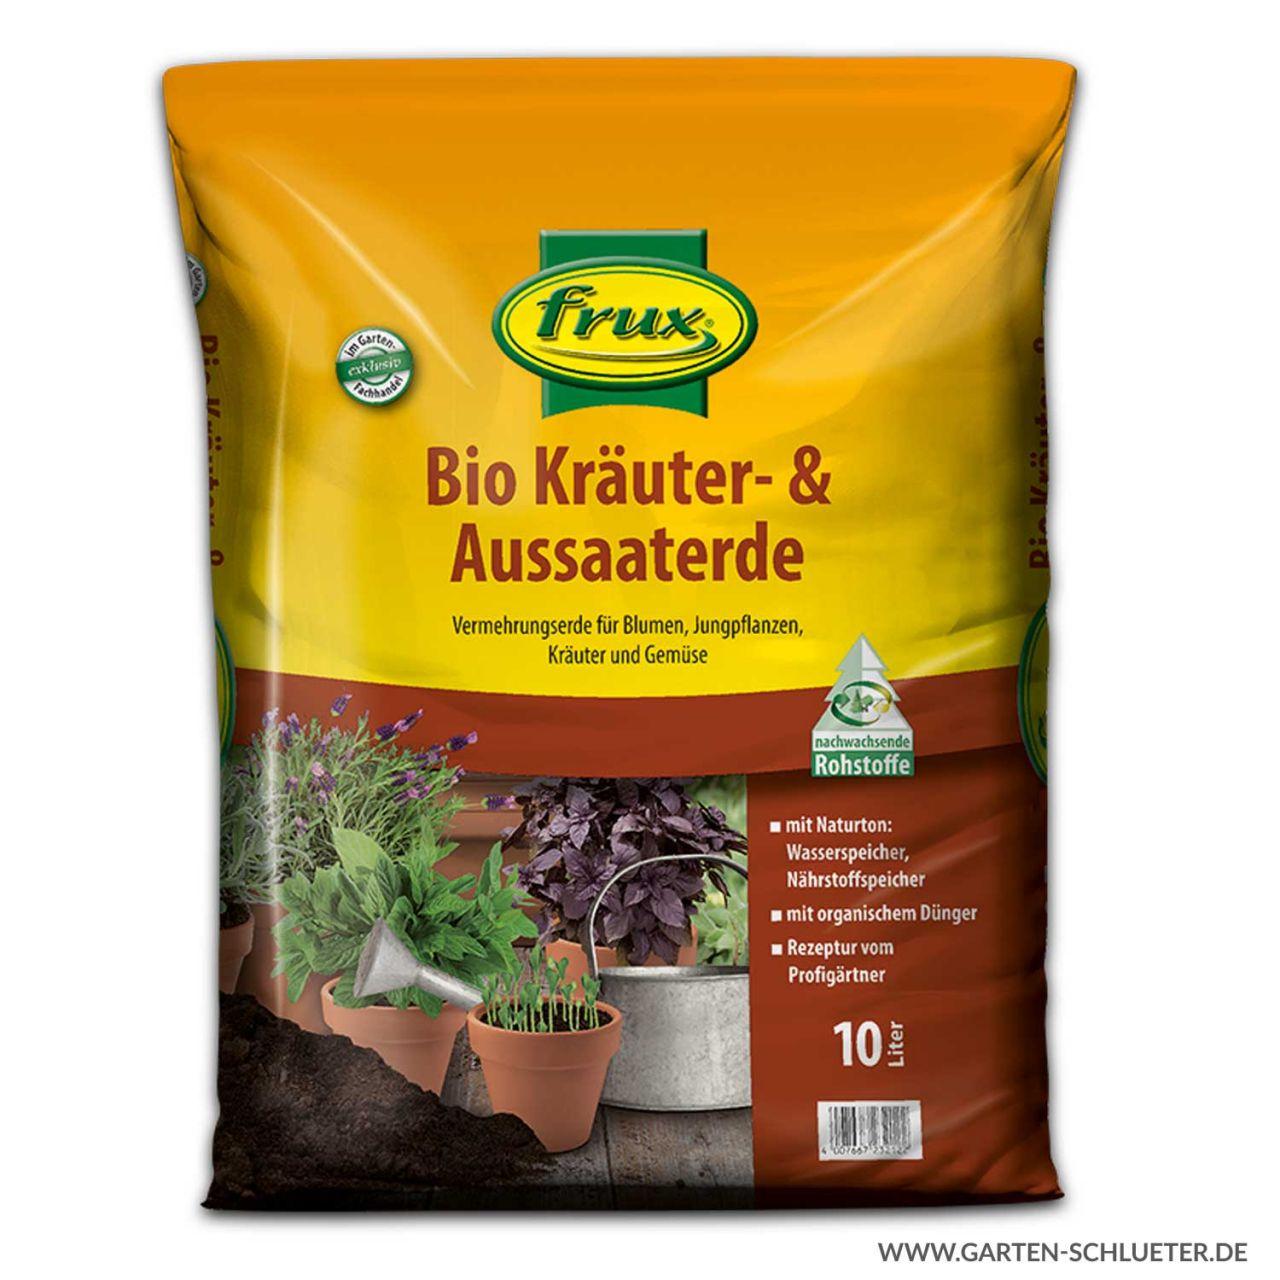 Frux - Kräuter & Aussaat & Pikiererde 10 Liter